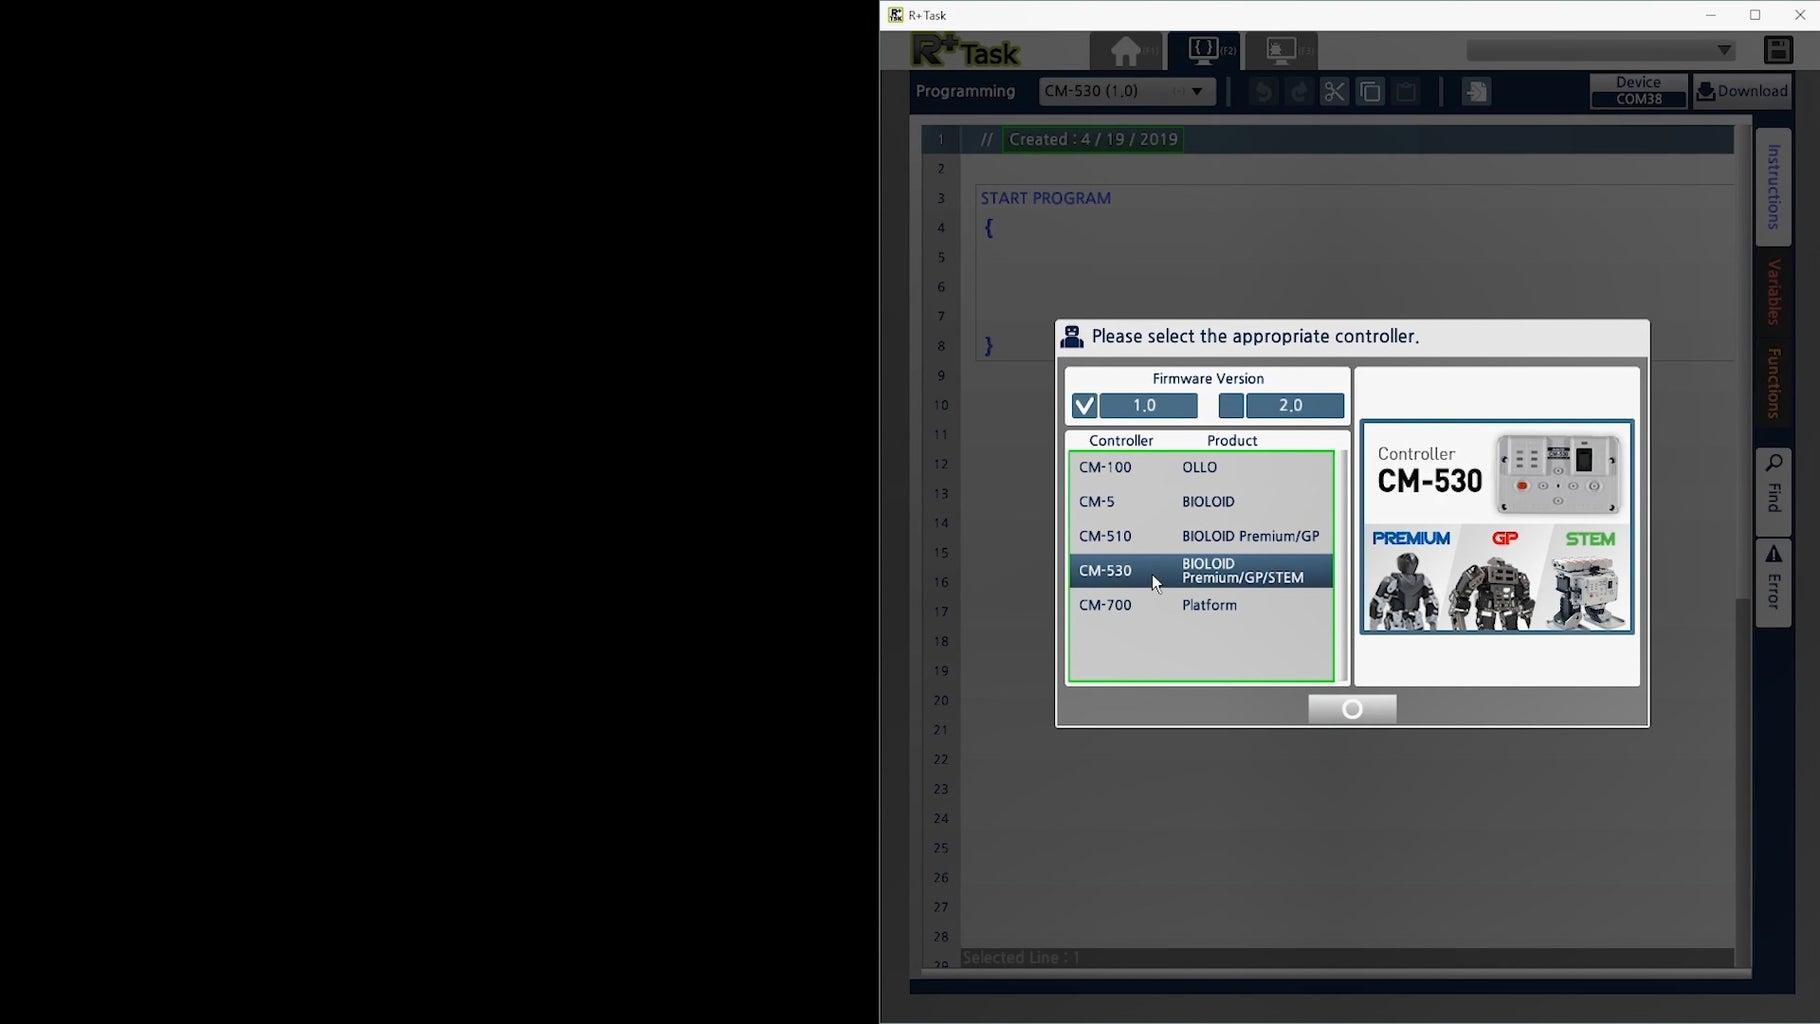 Monitor Program for the Sensor